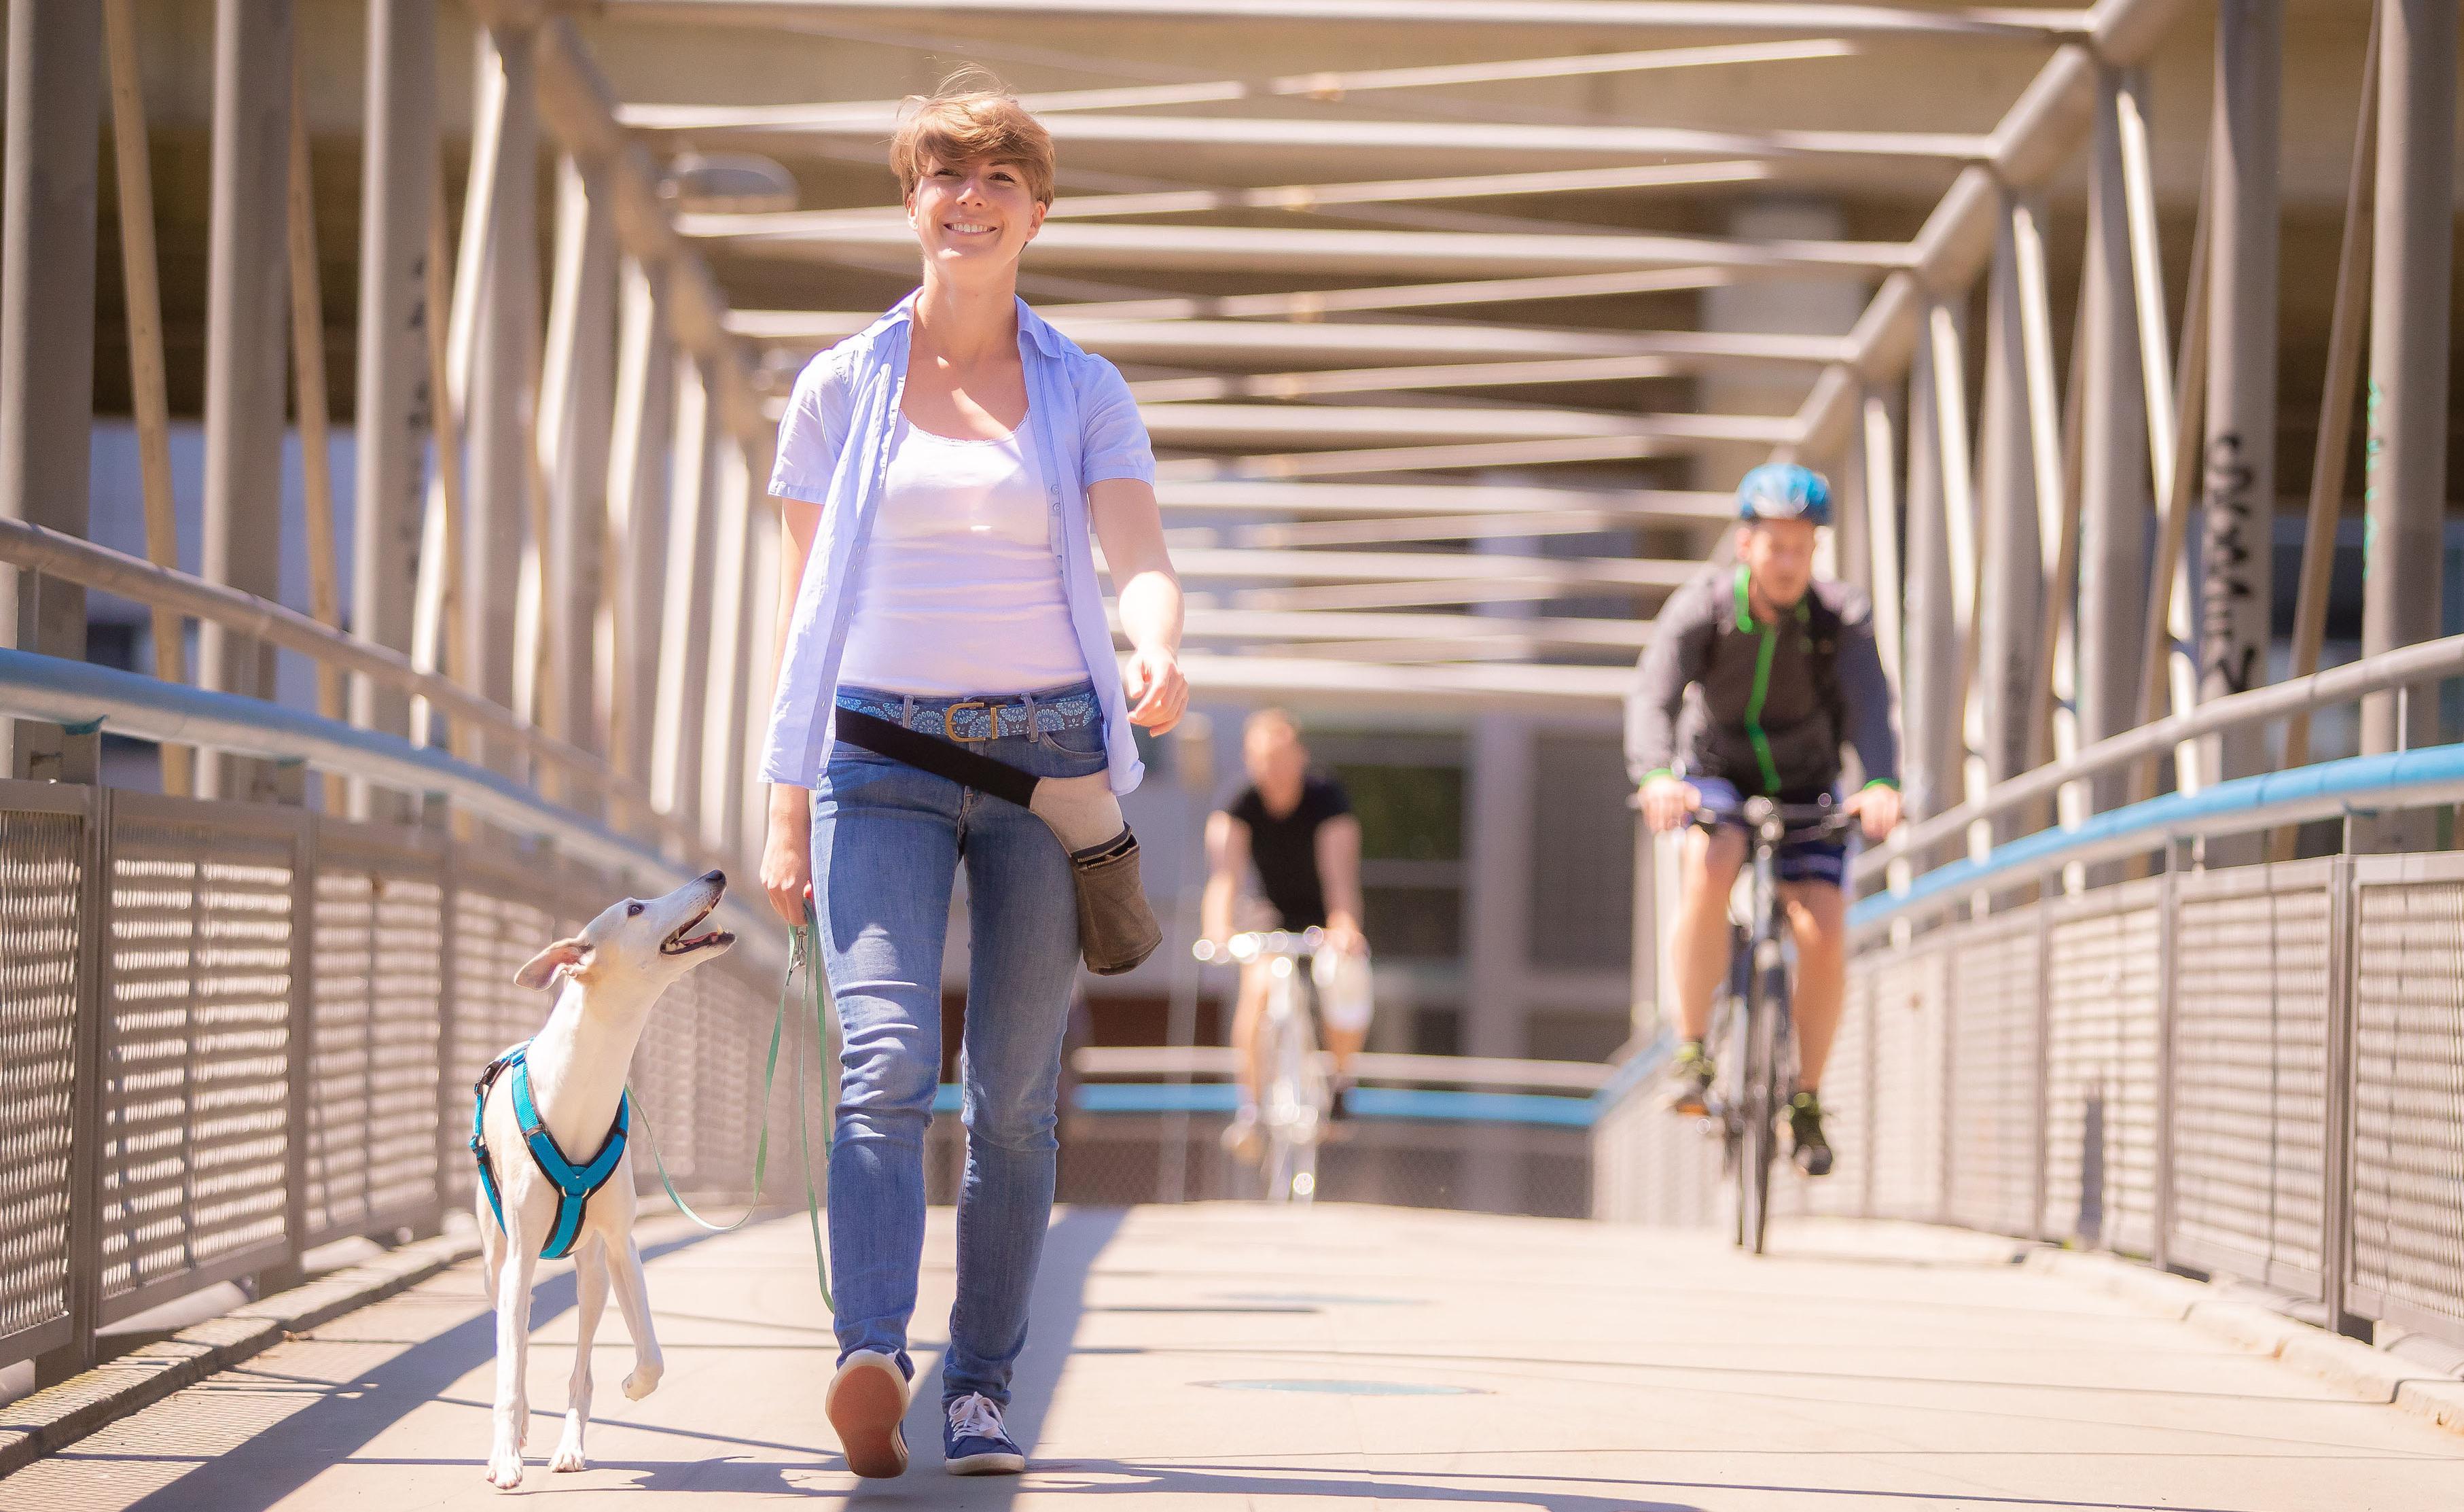 Frau mit Hund an der Leine geht entspannt über eine Donaukanal-Brücke, während aus dem Hintergrund Radfahrer das Duo passieren